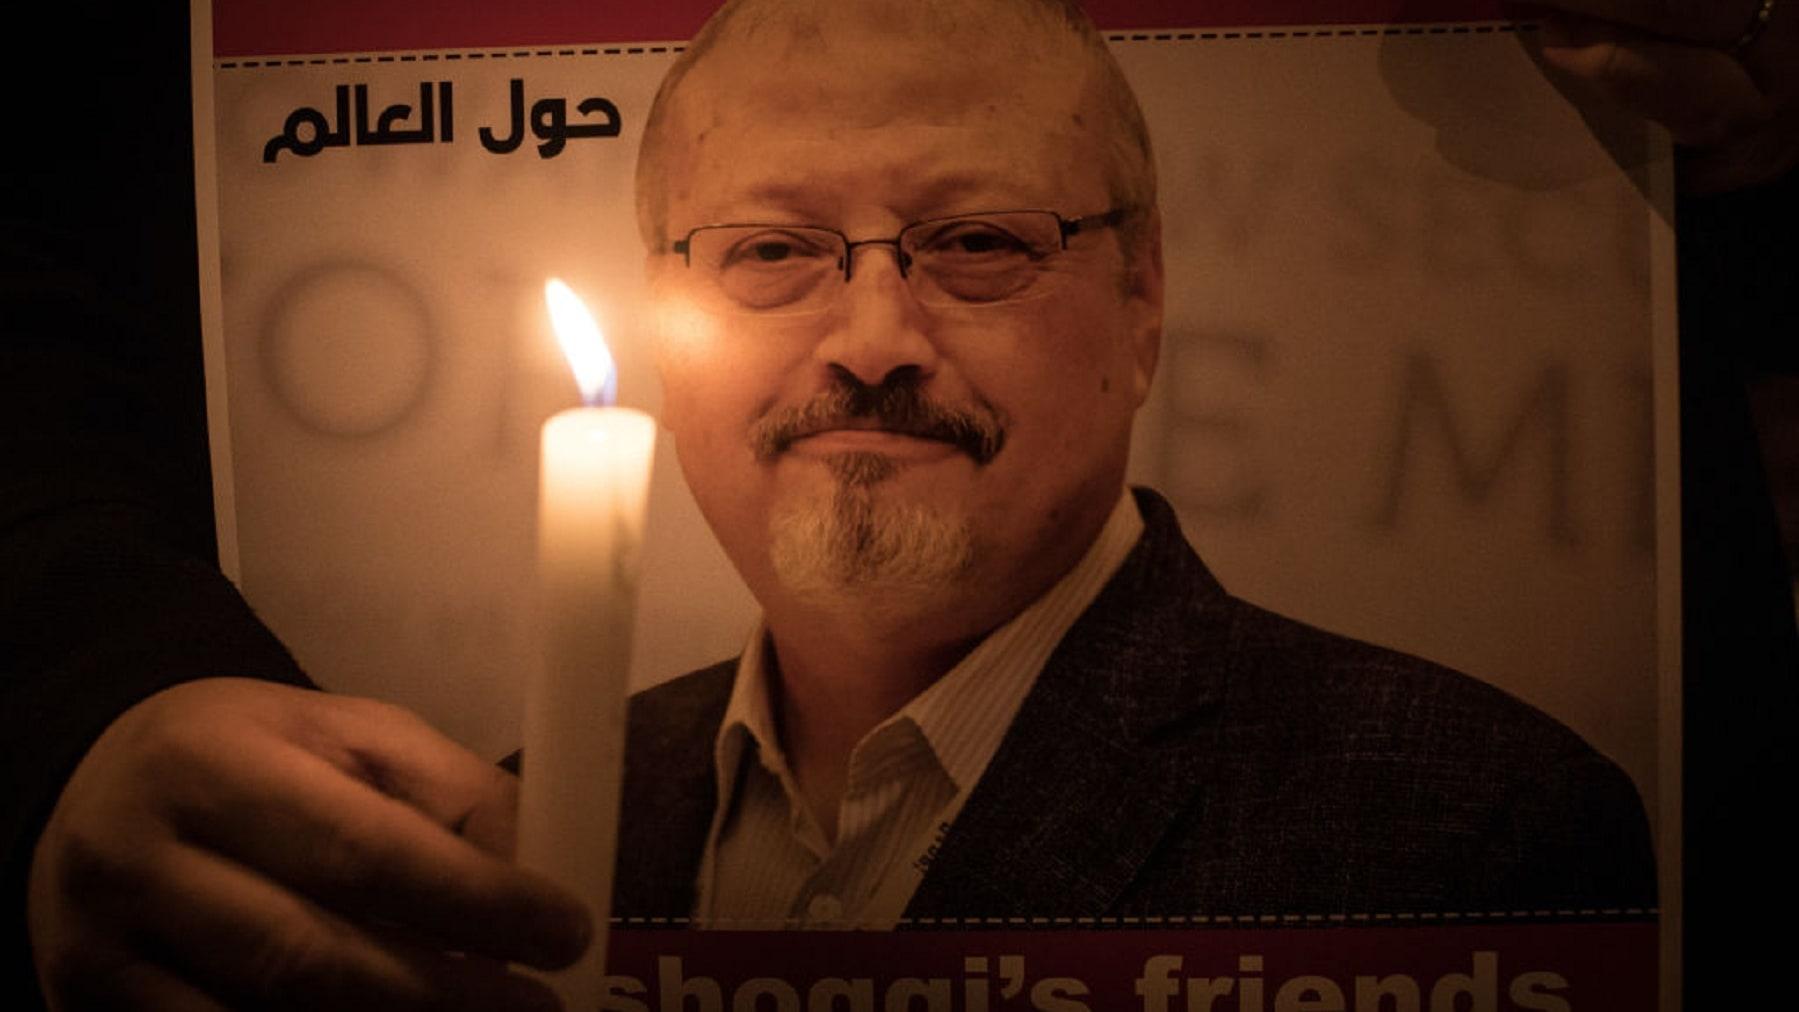 ماتيس: لادليل لدينا حول علاقة ولي العهد السعودي بقتل خاشقجي